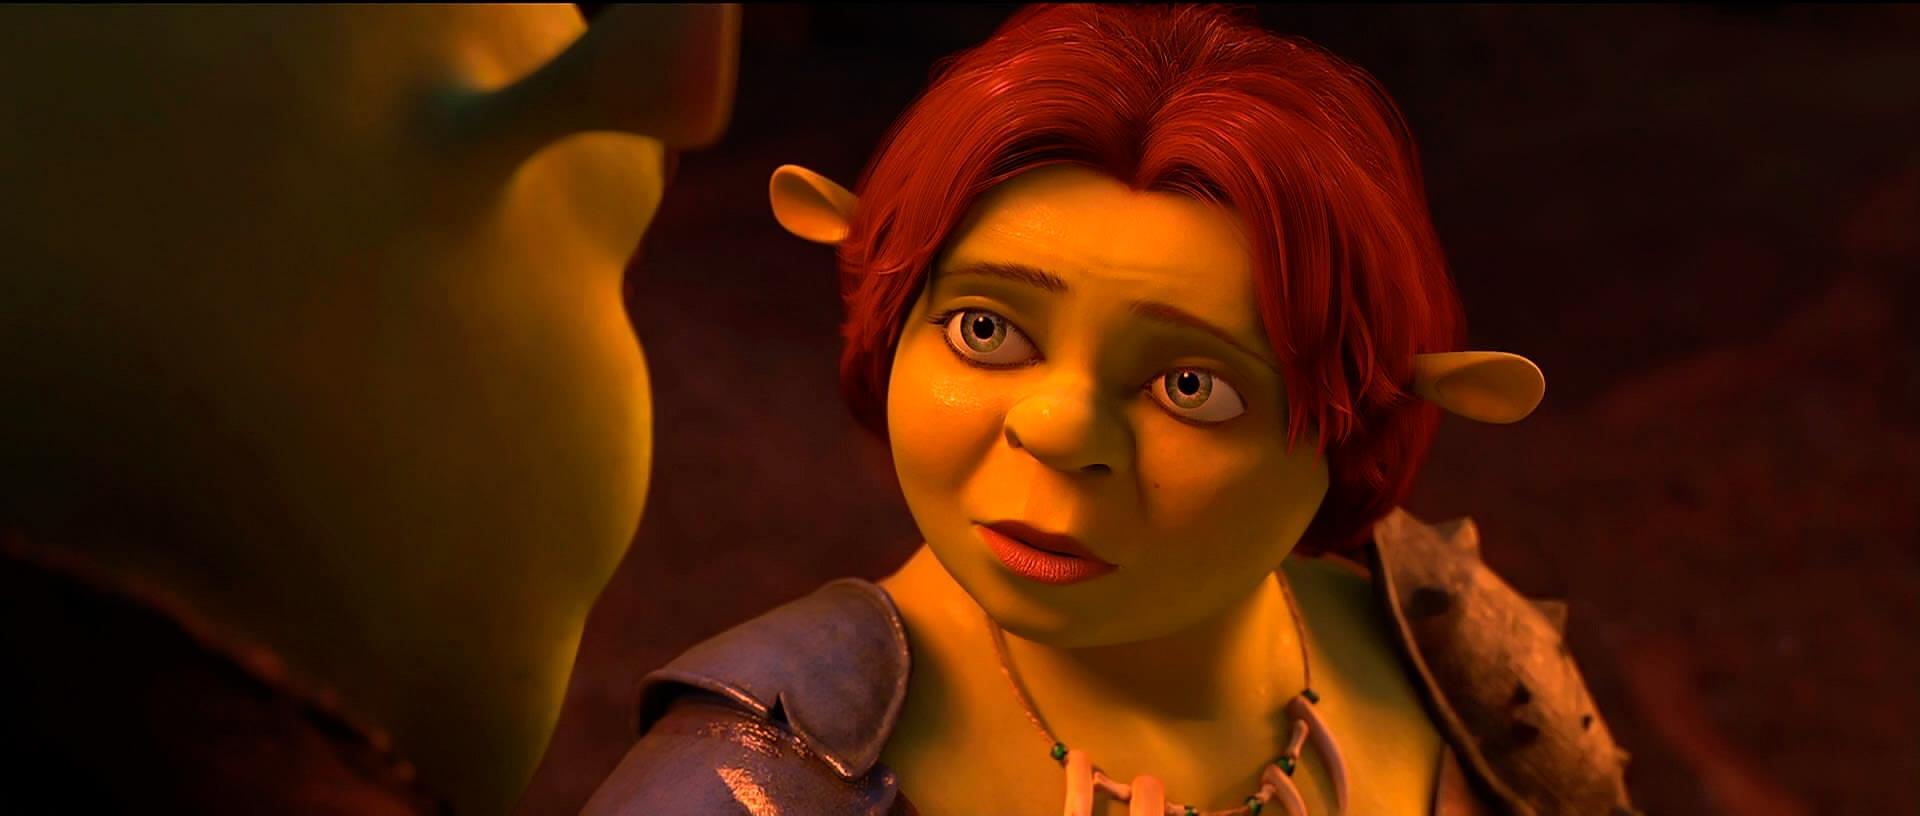 Shrek_4.jpg